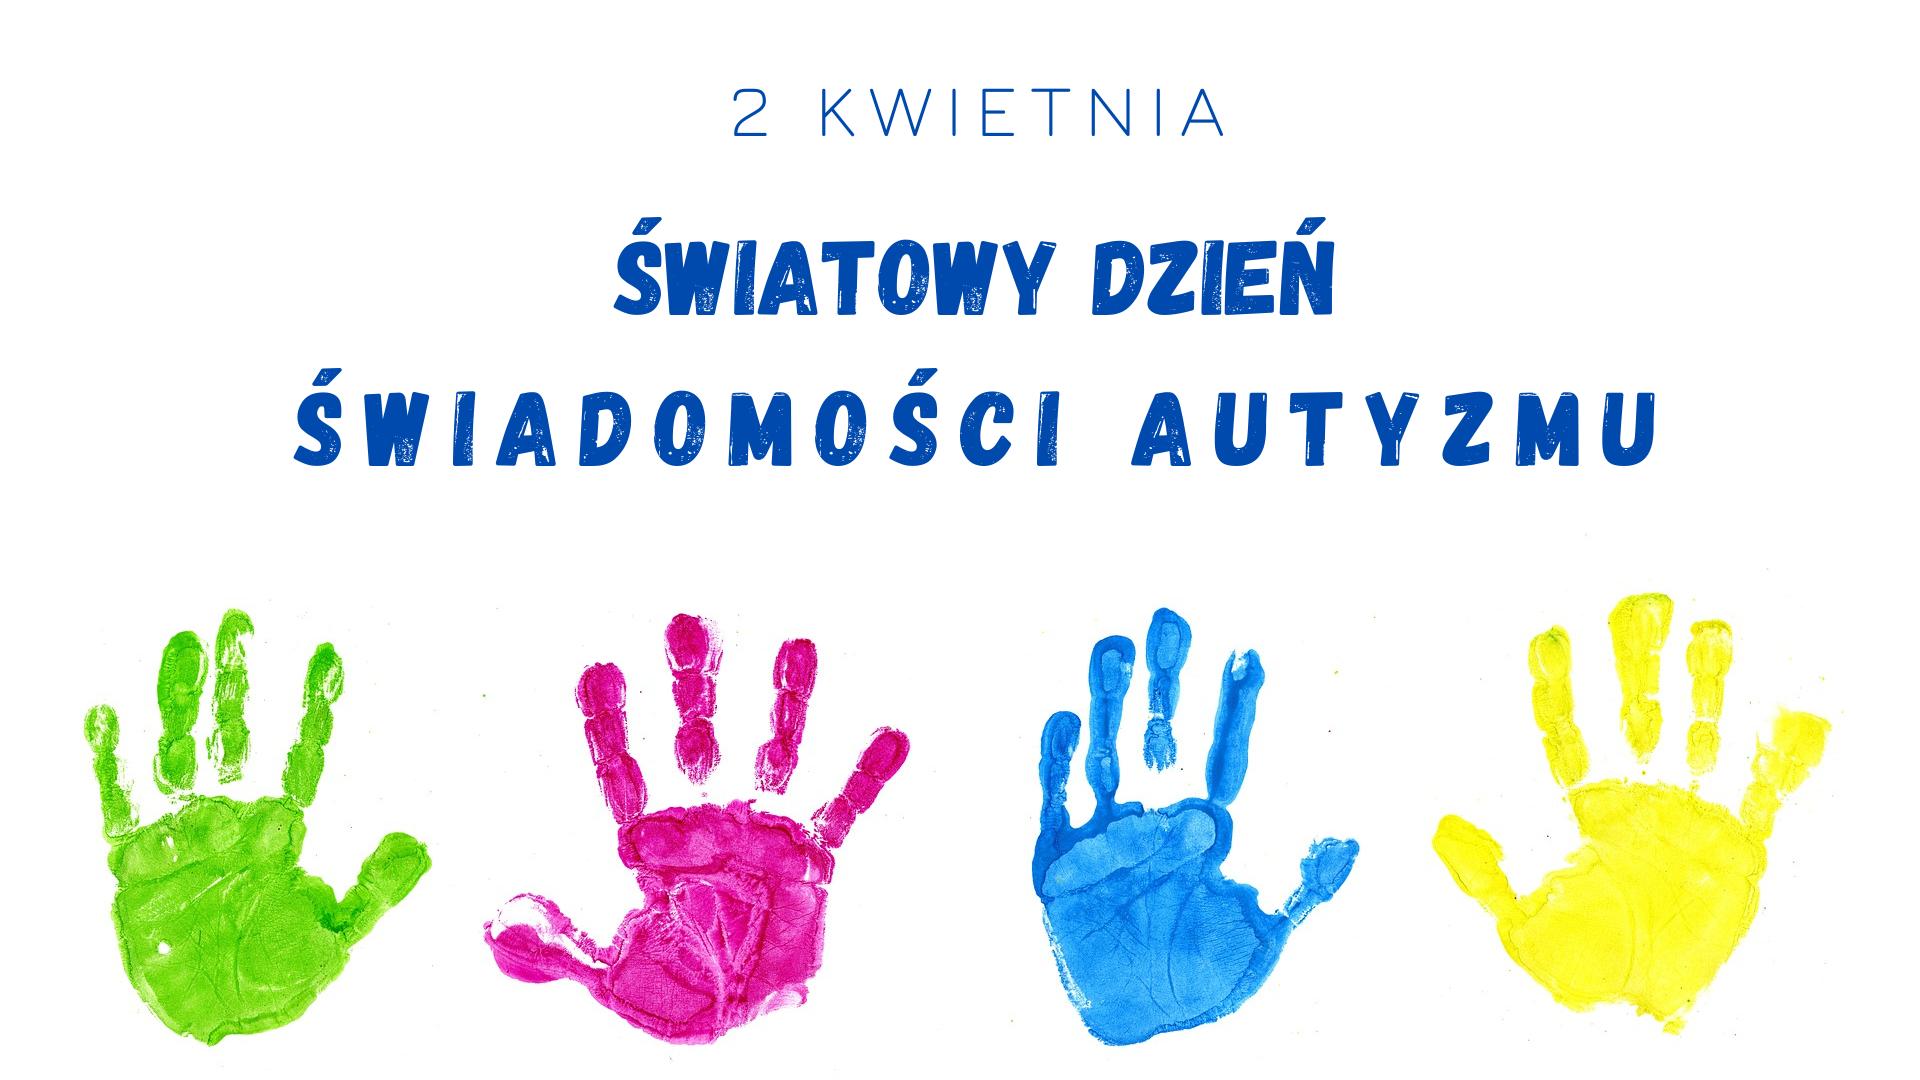 Światowy Dzień Świadomości Autyzmu. Na rysunku kolorowe dłonie.